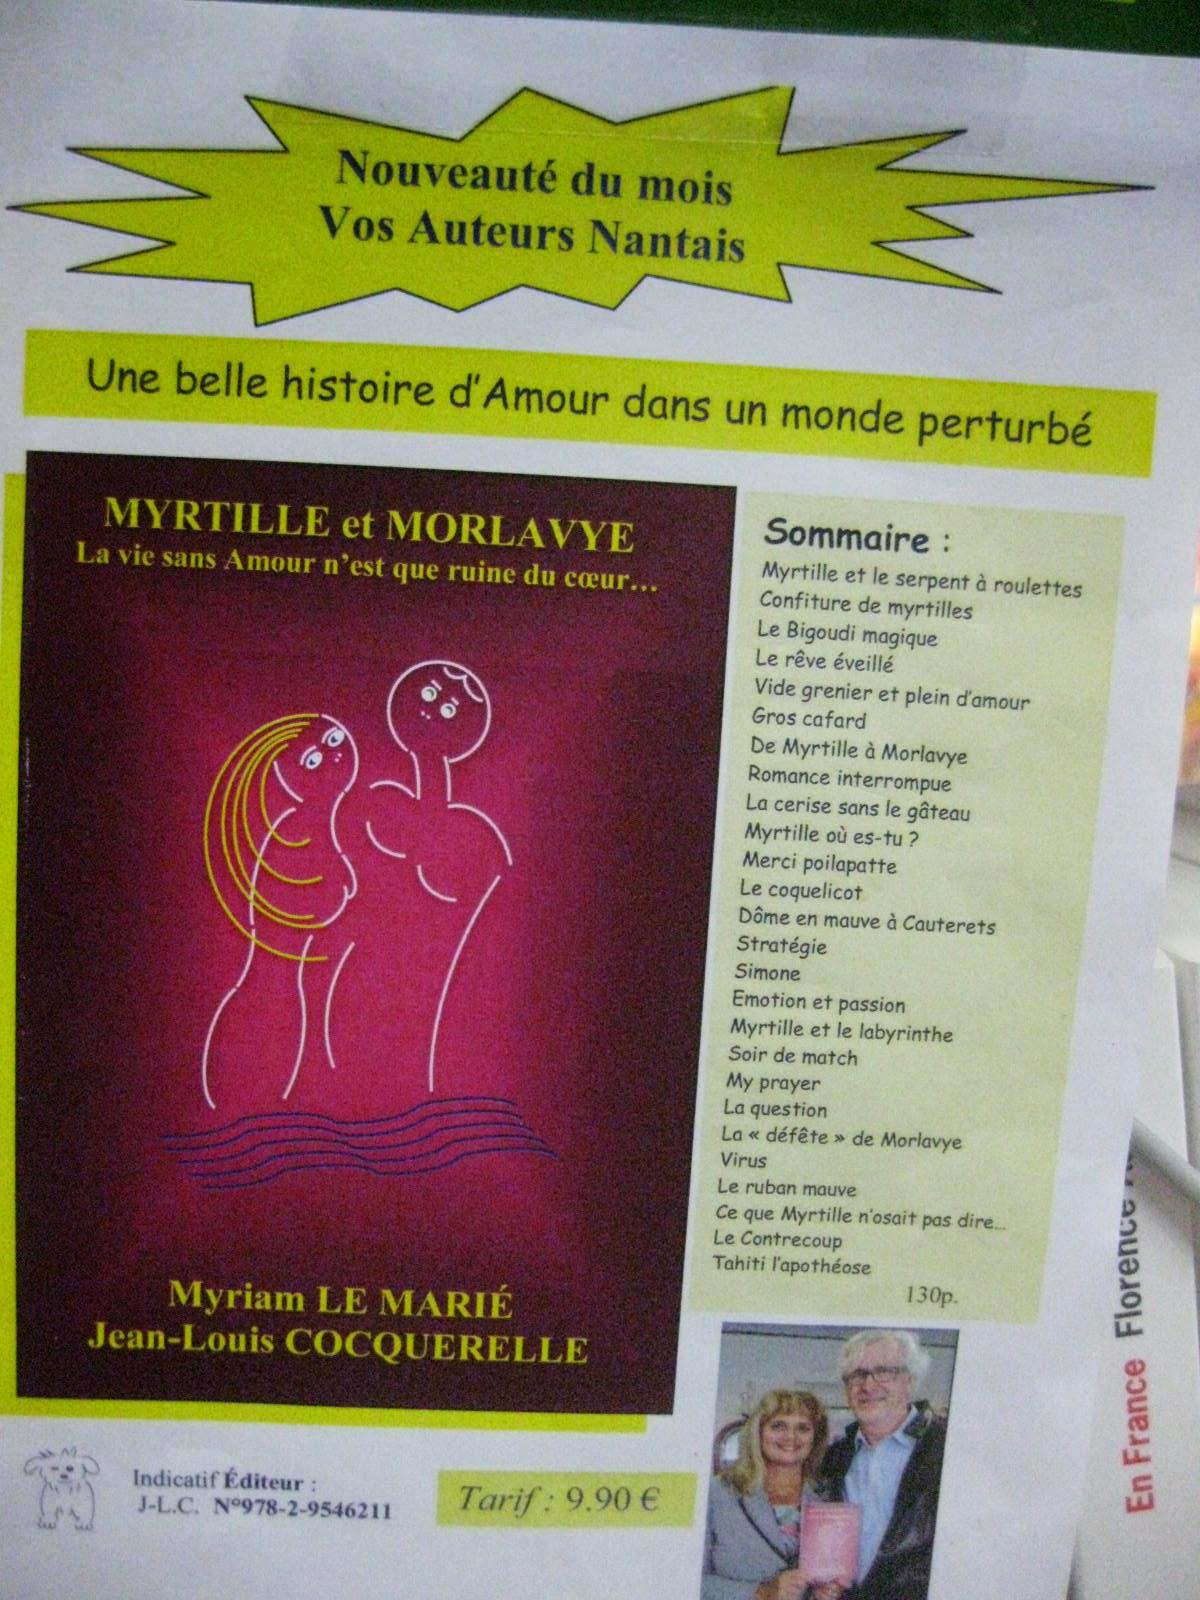 """Résultat de recherche d'images pour """"Myrtille et Morlavye la vie sans amour n'est que ruine du cœur"""""""